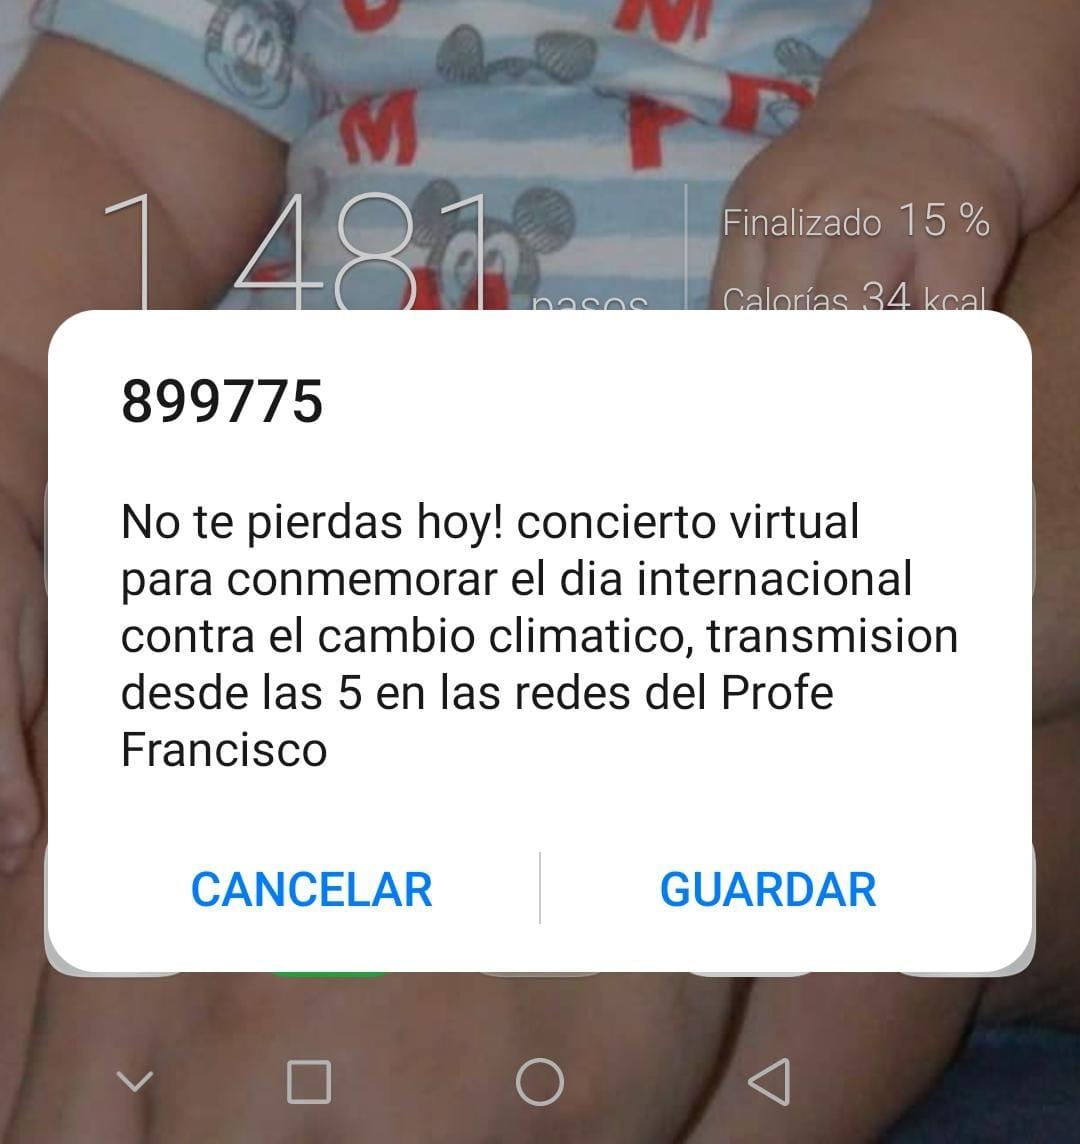 Este es el mensaje masivo que envían al celular de los estudiantes de Unimagdalena.